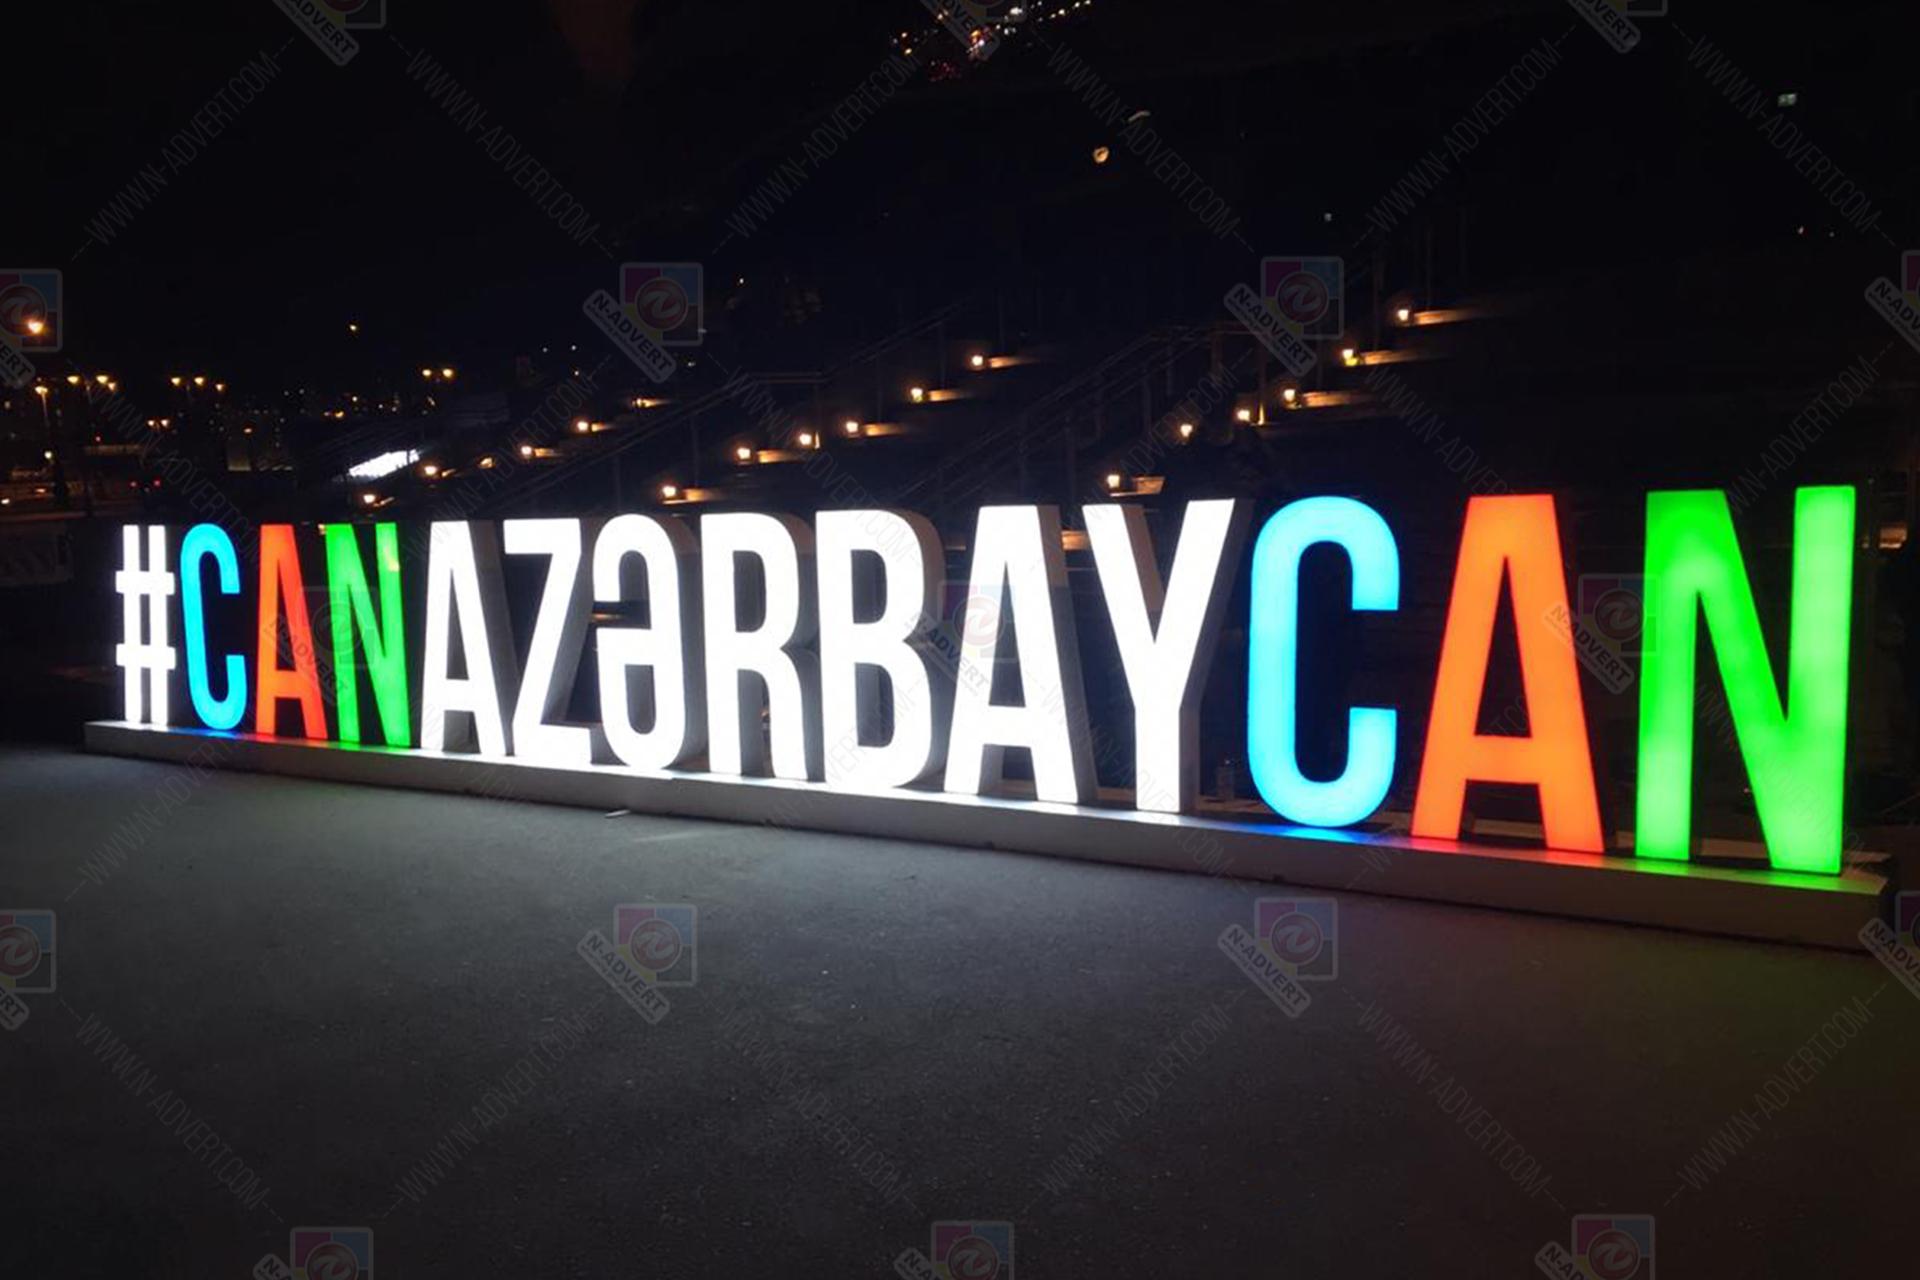 Azerbaycan 1920x1280